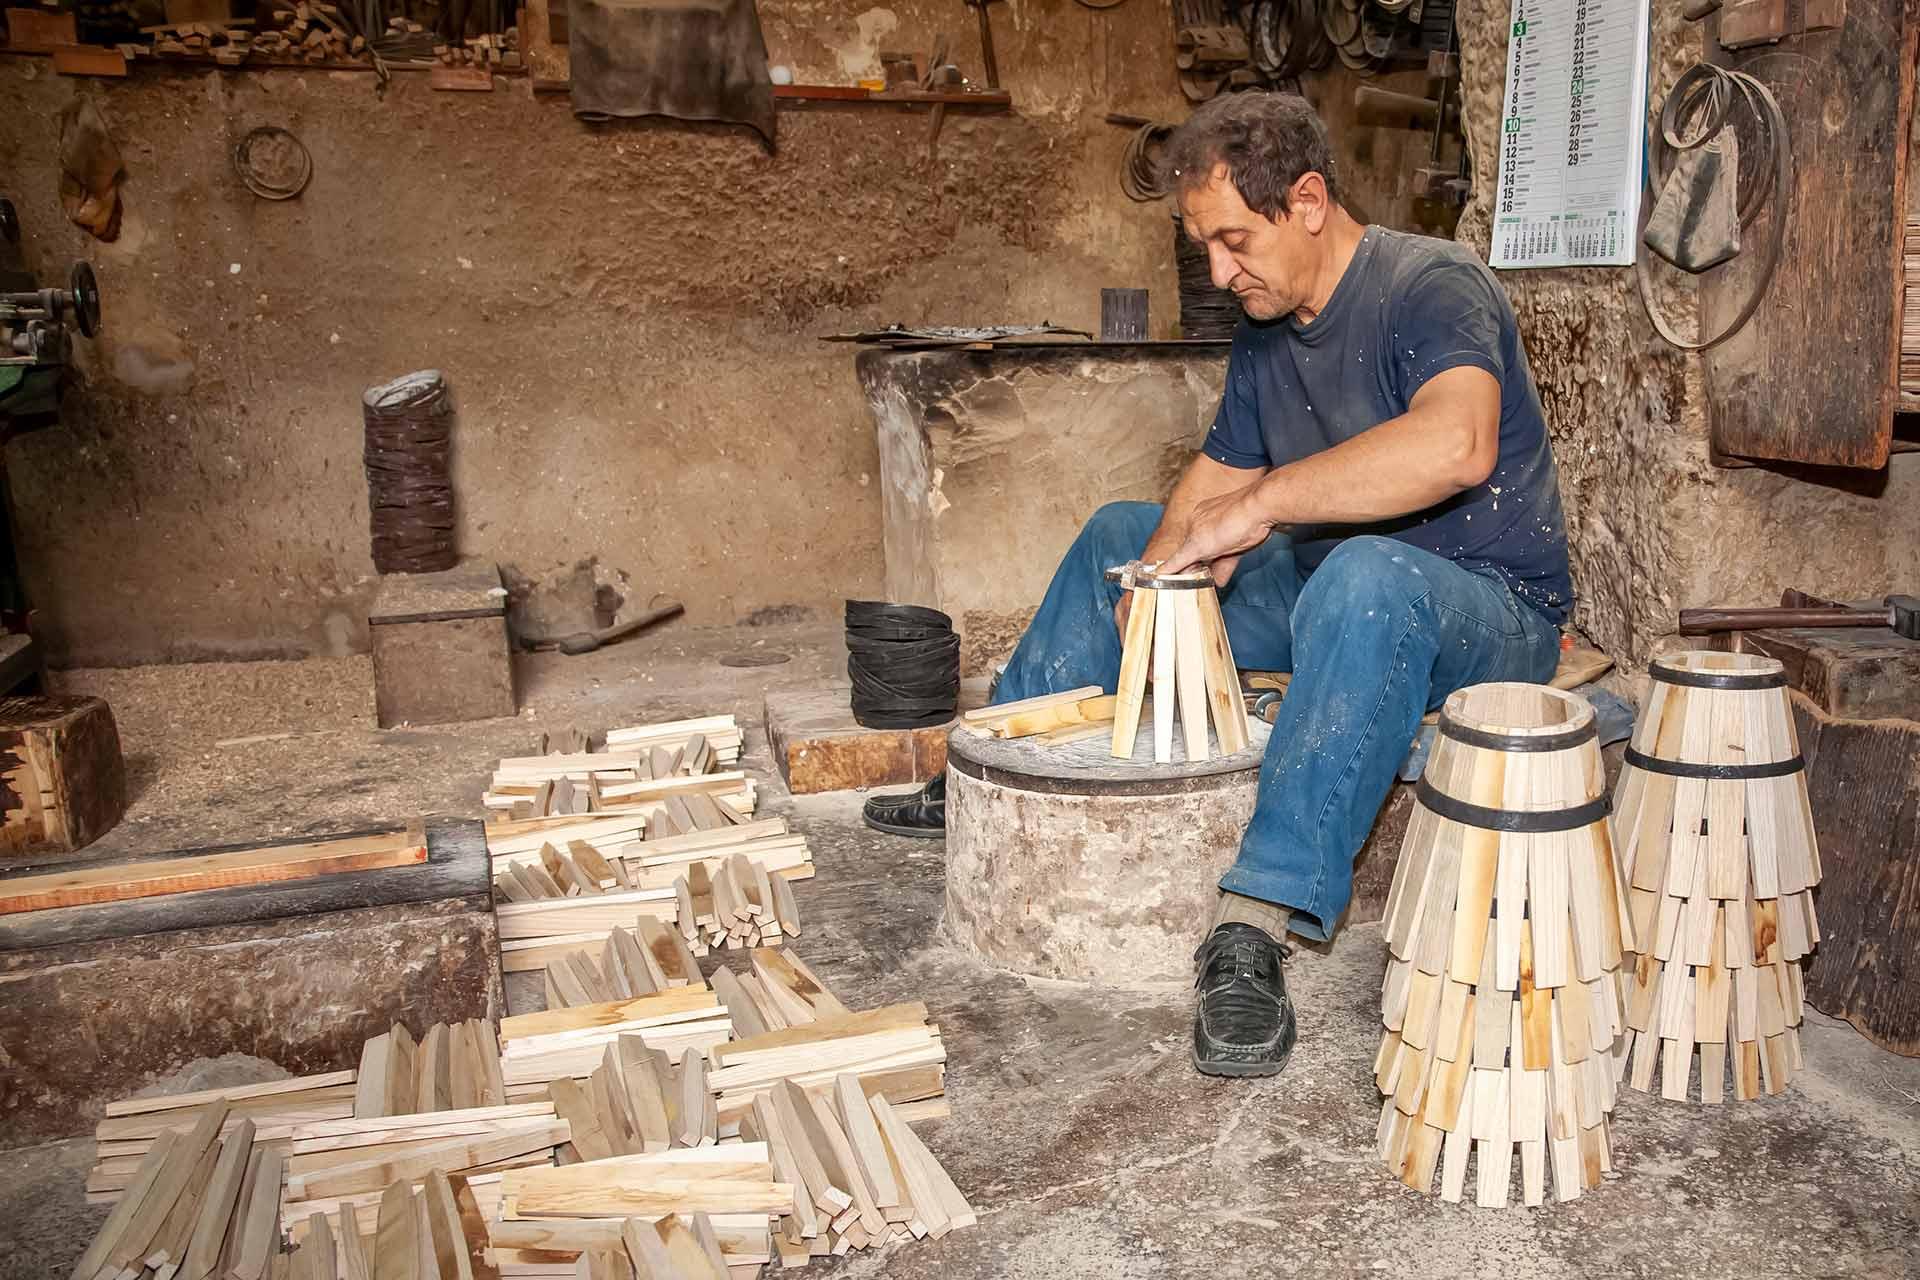 """""""Nous avons beaucoup de travail et il n'est pas facile de trouver des gens pr?ts ? travailler"""", me dit Giovanni, """"notre entreprise op?re dans le territoire de Marsala depuis 1945 et chaque baril est fait ? la main, selon les processus de production traditionnels qui ont ?t? transmis au sein de notre famille """"."""